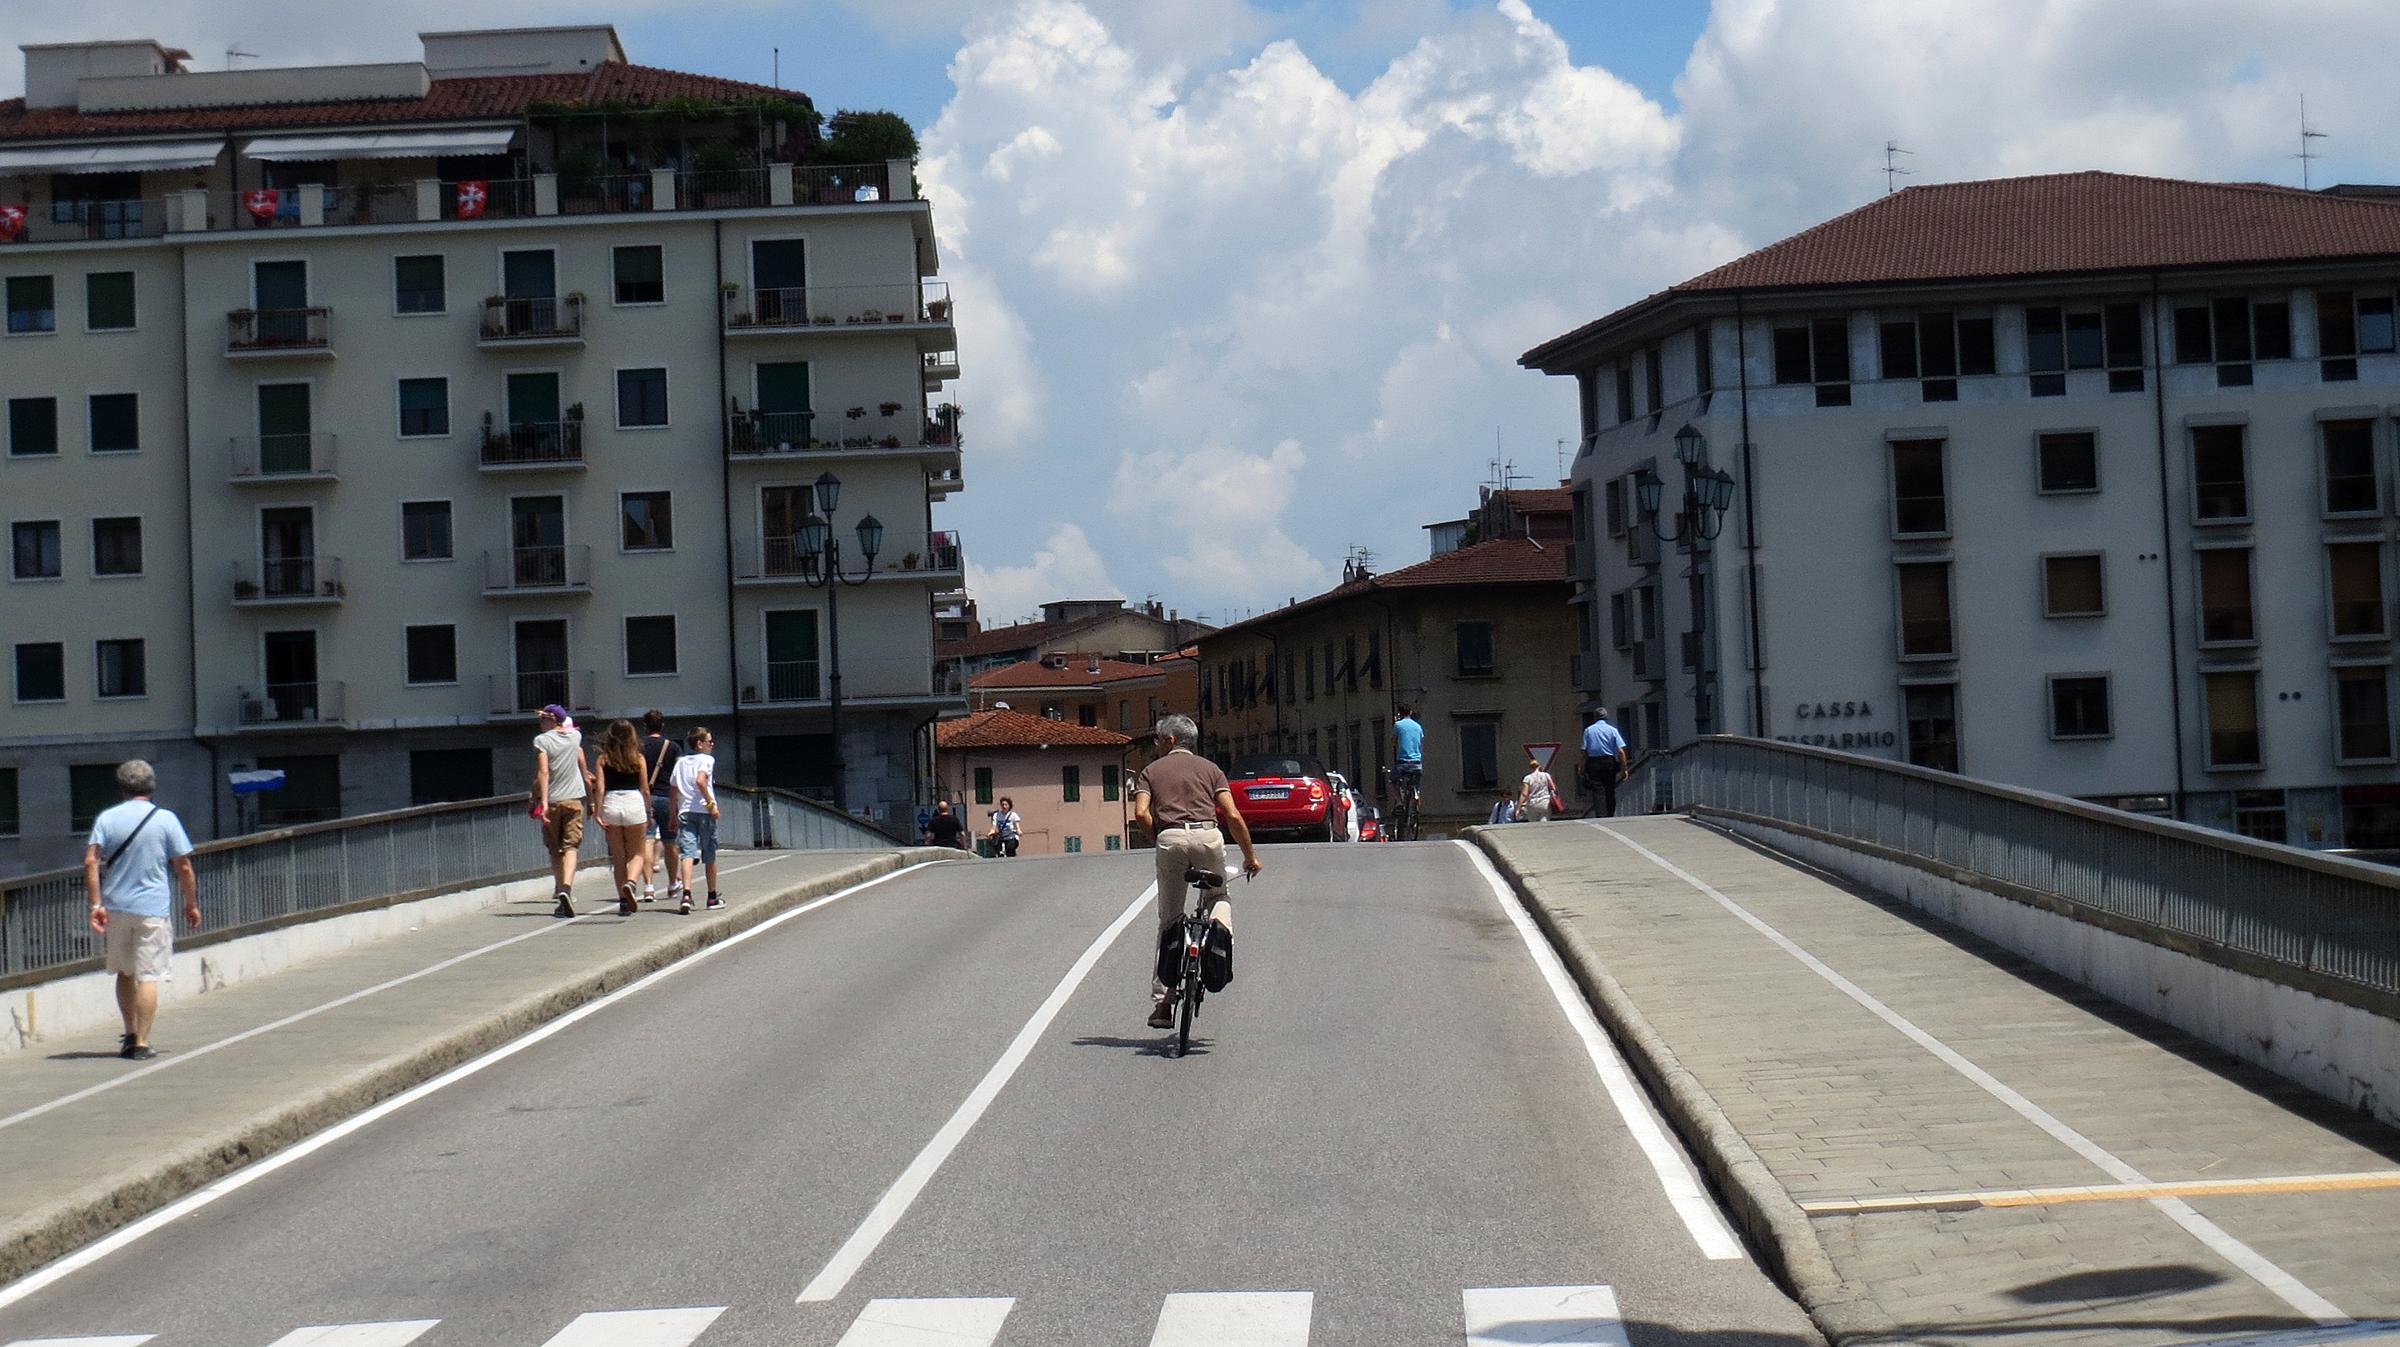 Pisa_city_1